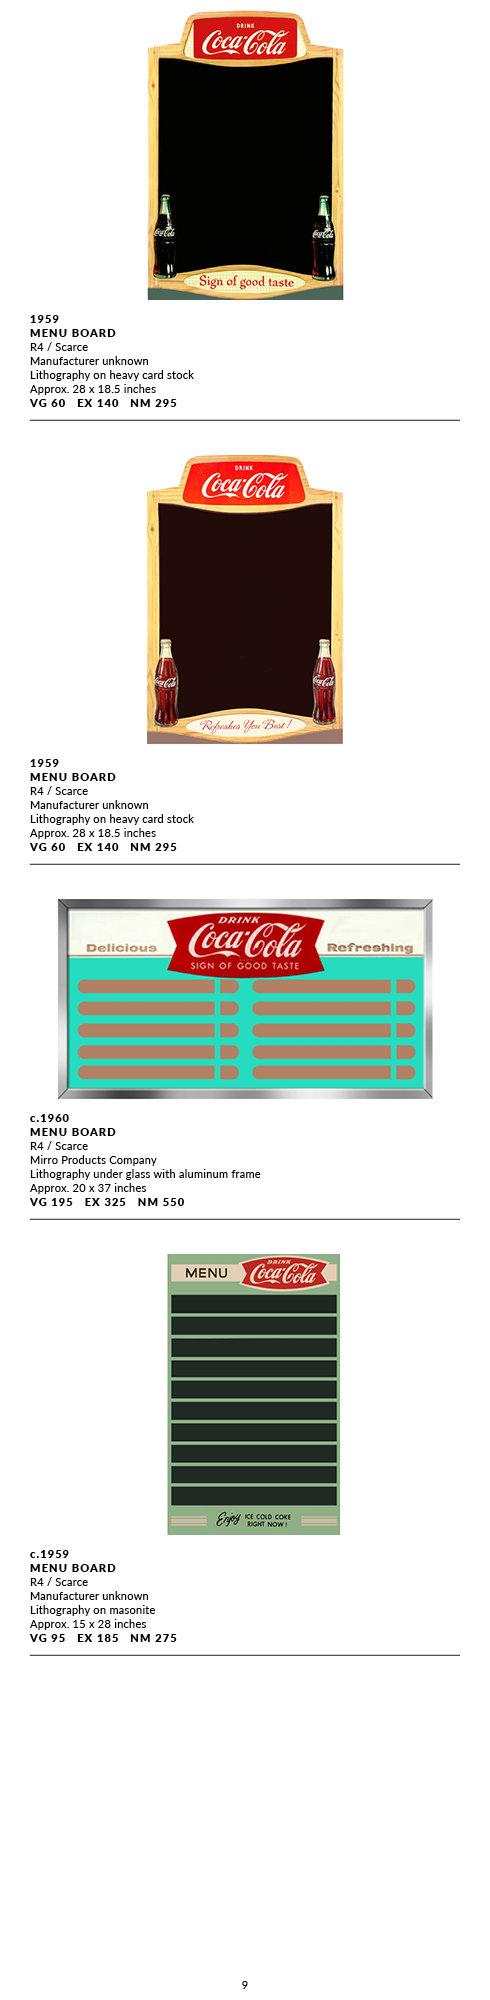 Menu Boards9.jpg